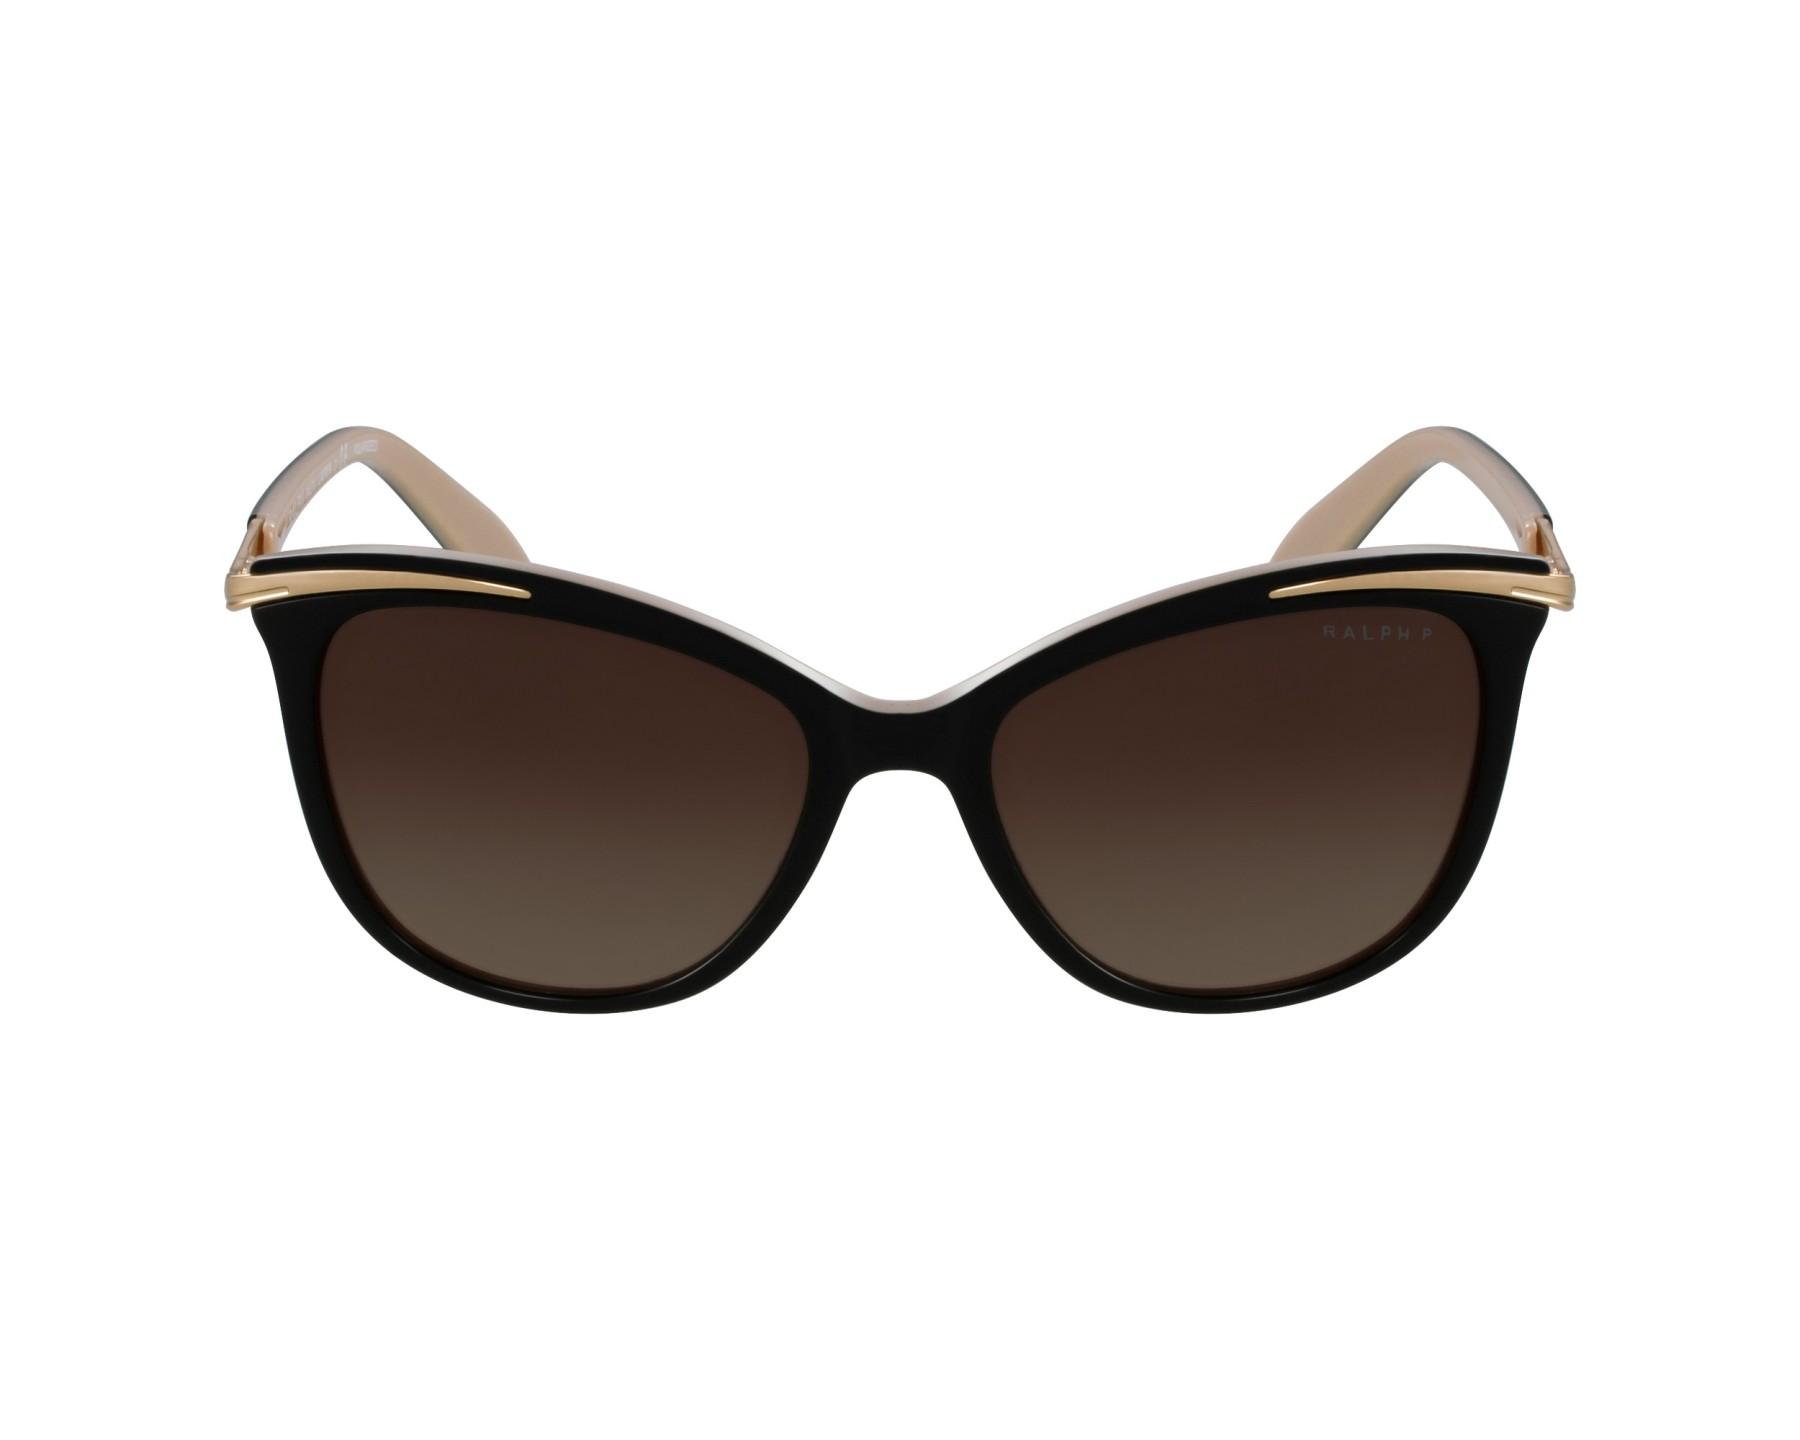 lunettes de soleil ralph lauren ra 5203 1090 t5 noir avec. Black Bedroom Furniture Sets. Home Design Ideas